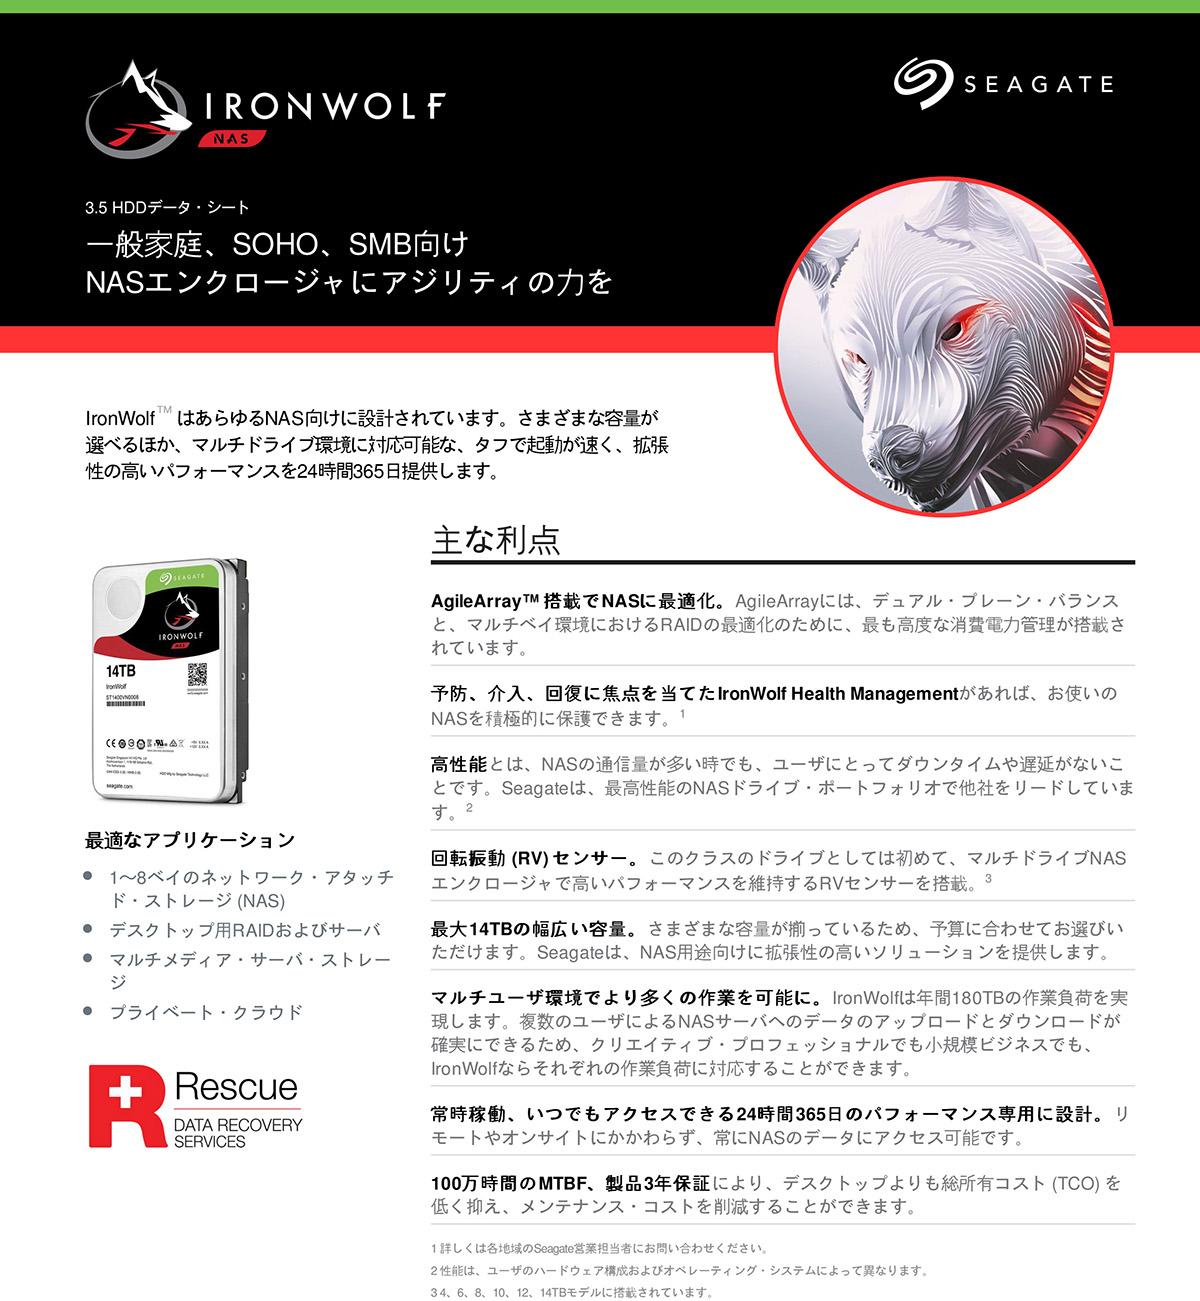 IronWolfは24時間365日稼働を前提とした設計のモデル。